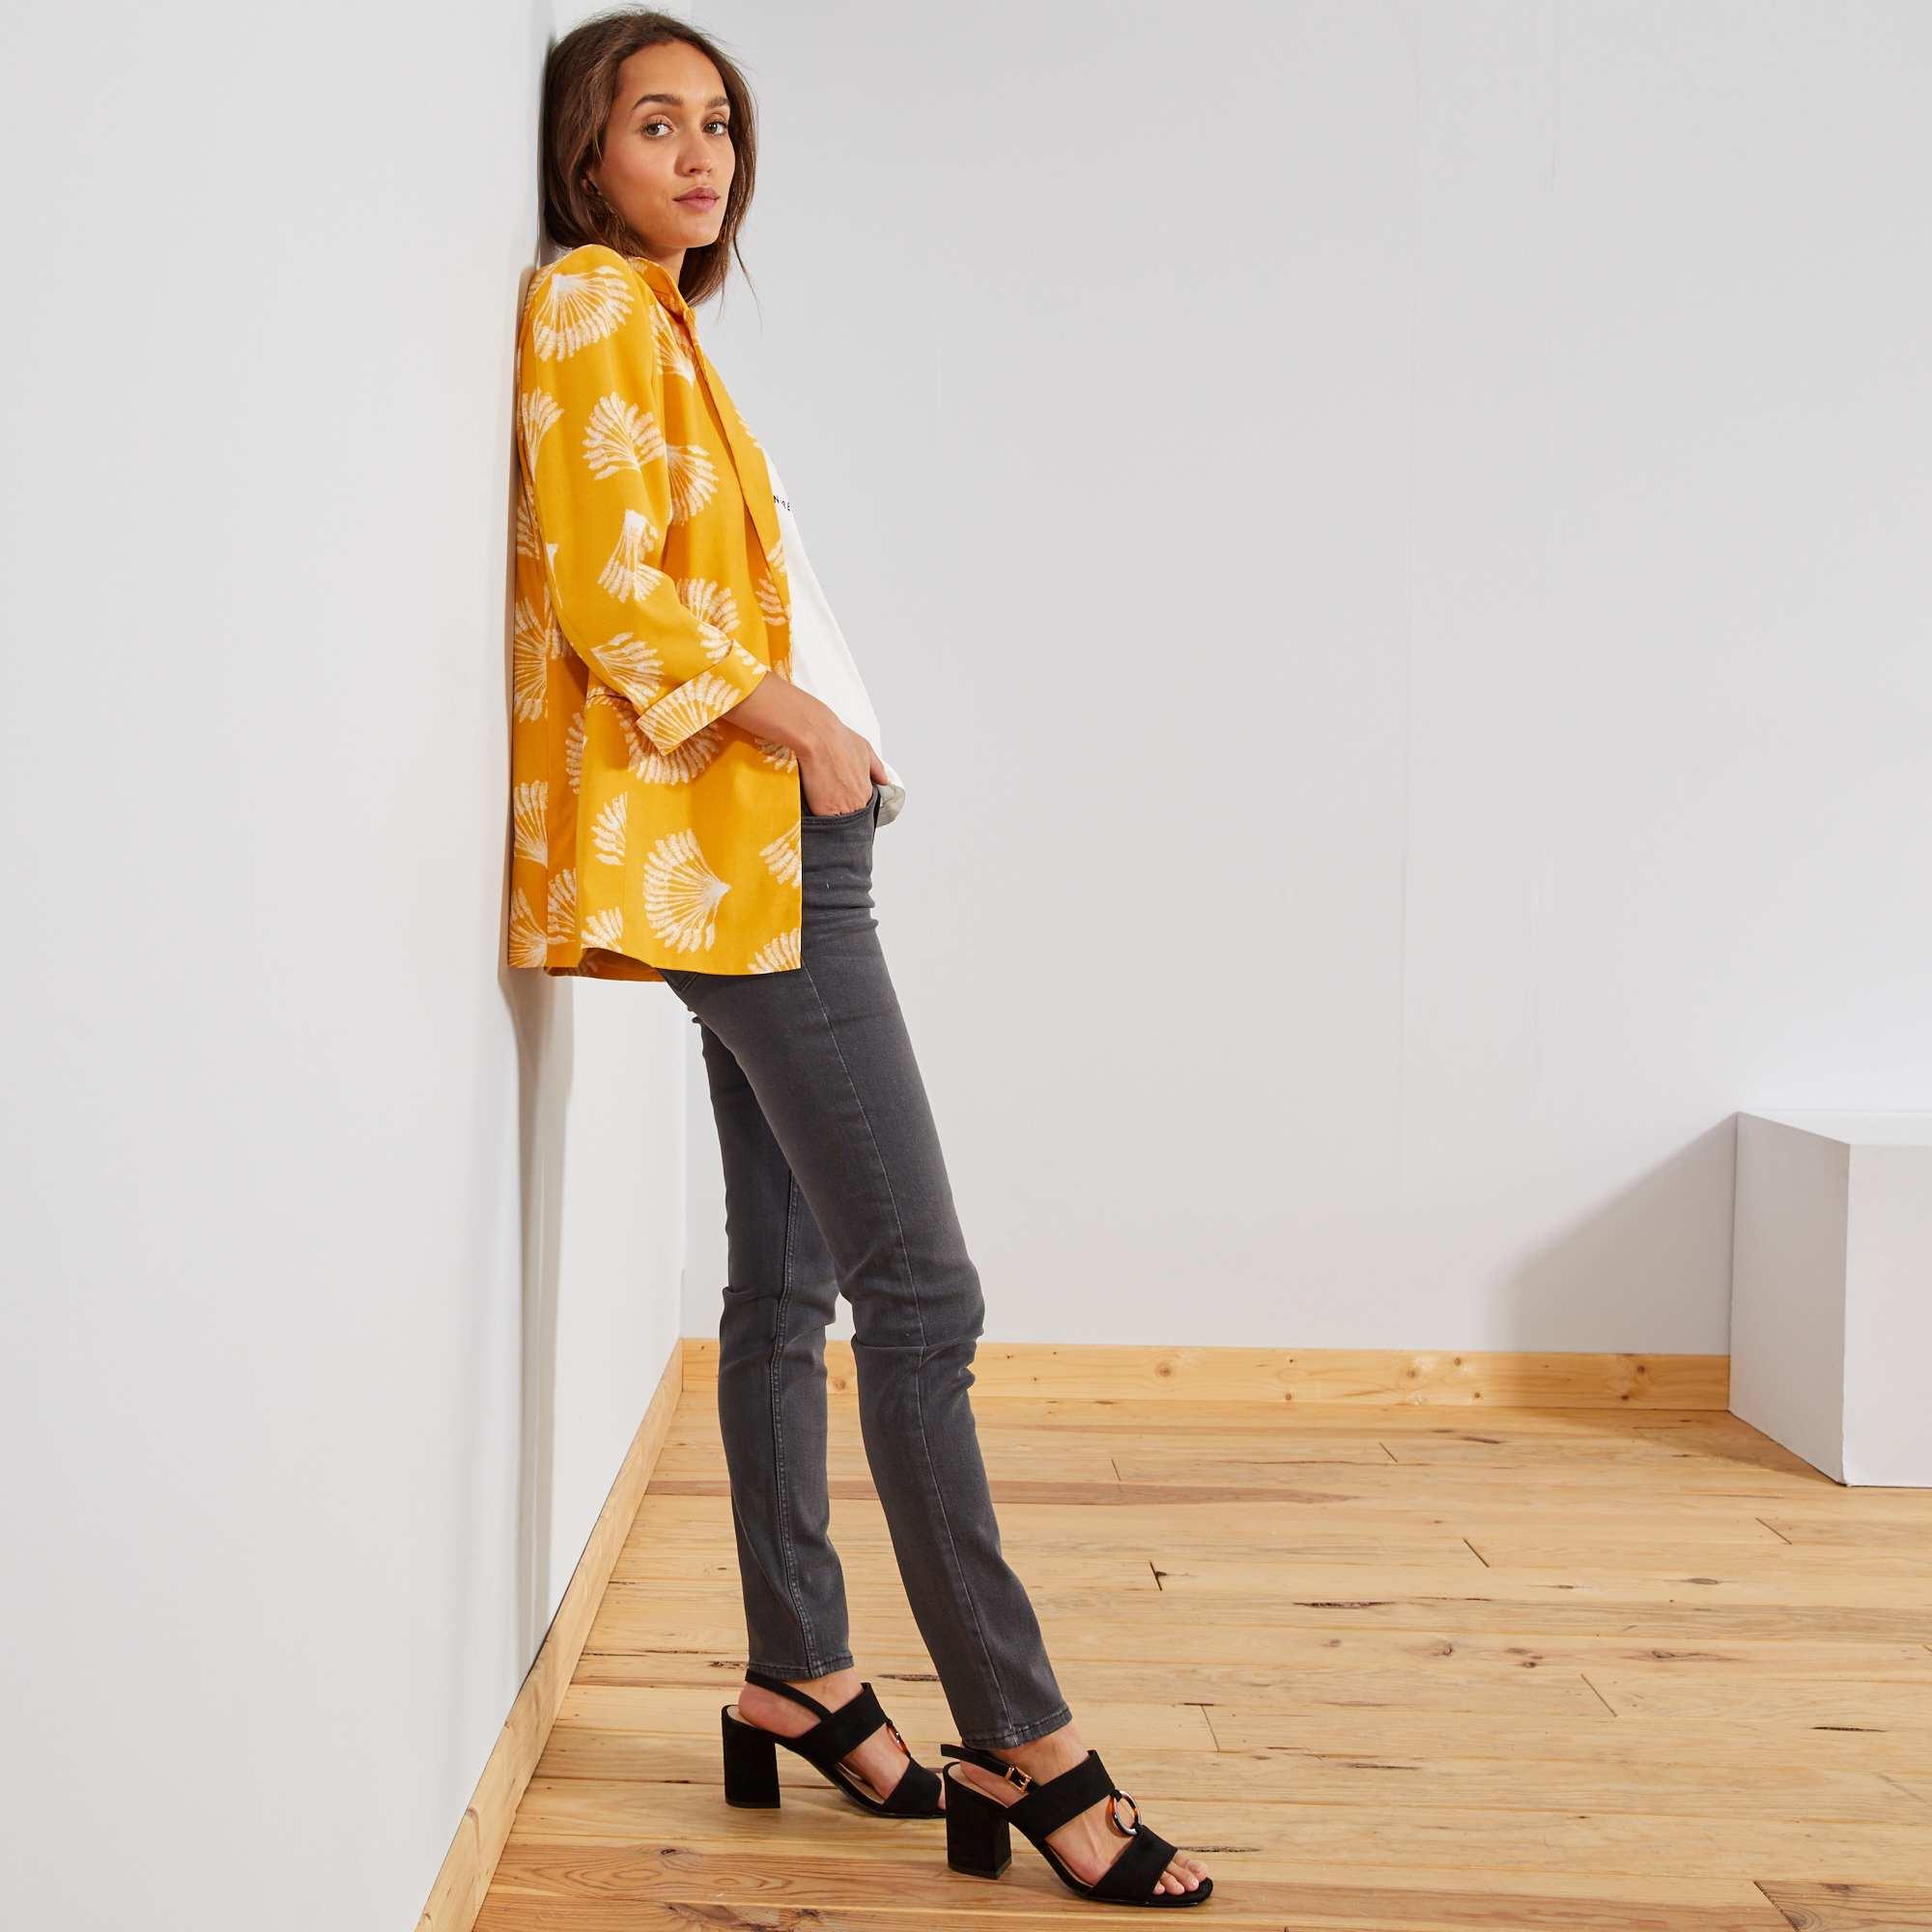 8ba55b1655a2 Jeans slim vita molto alta - Lunghezza US 30 grigio scuro Donna. Loading  zoom